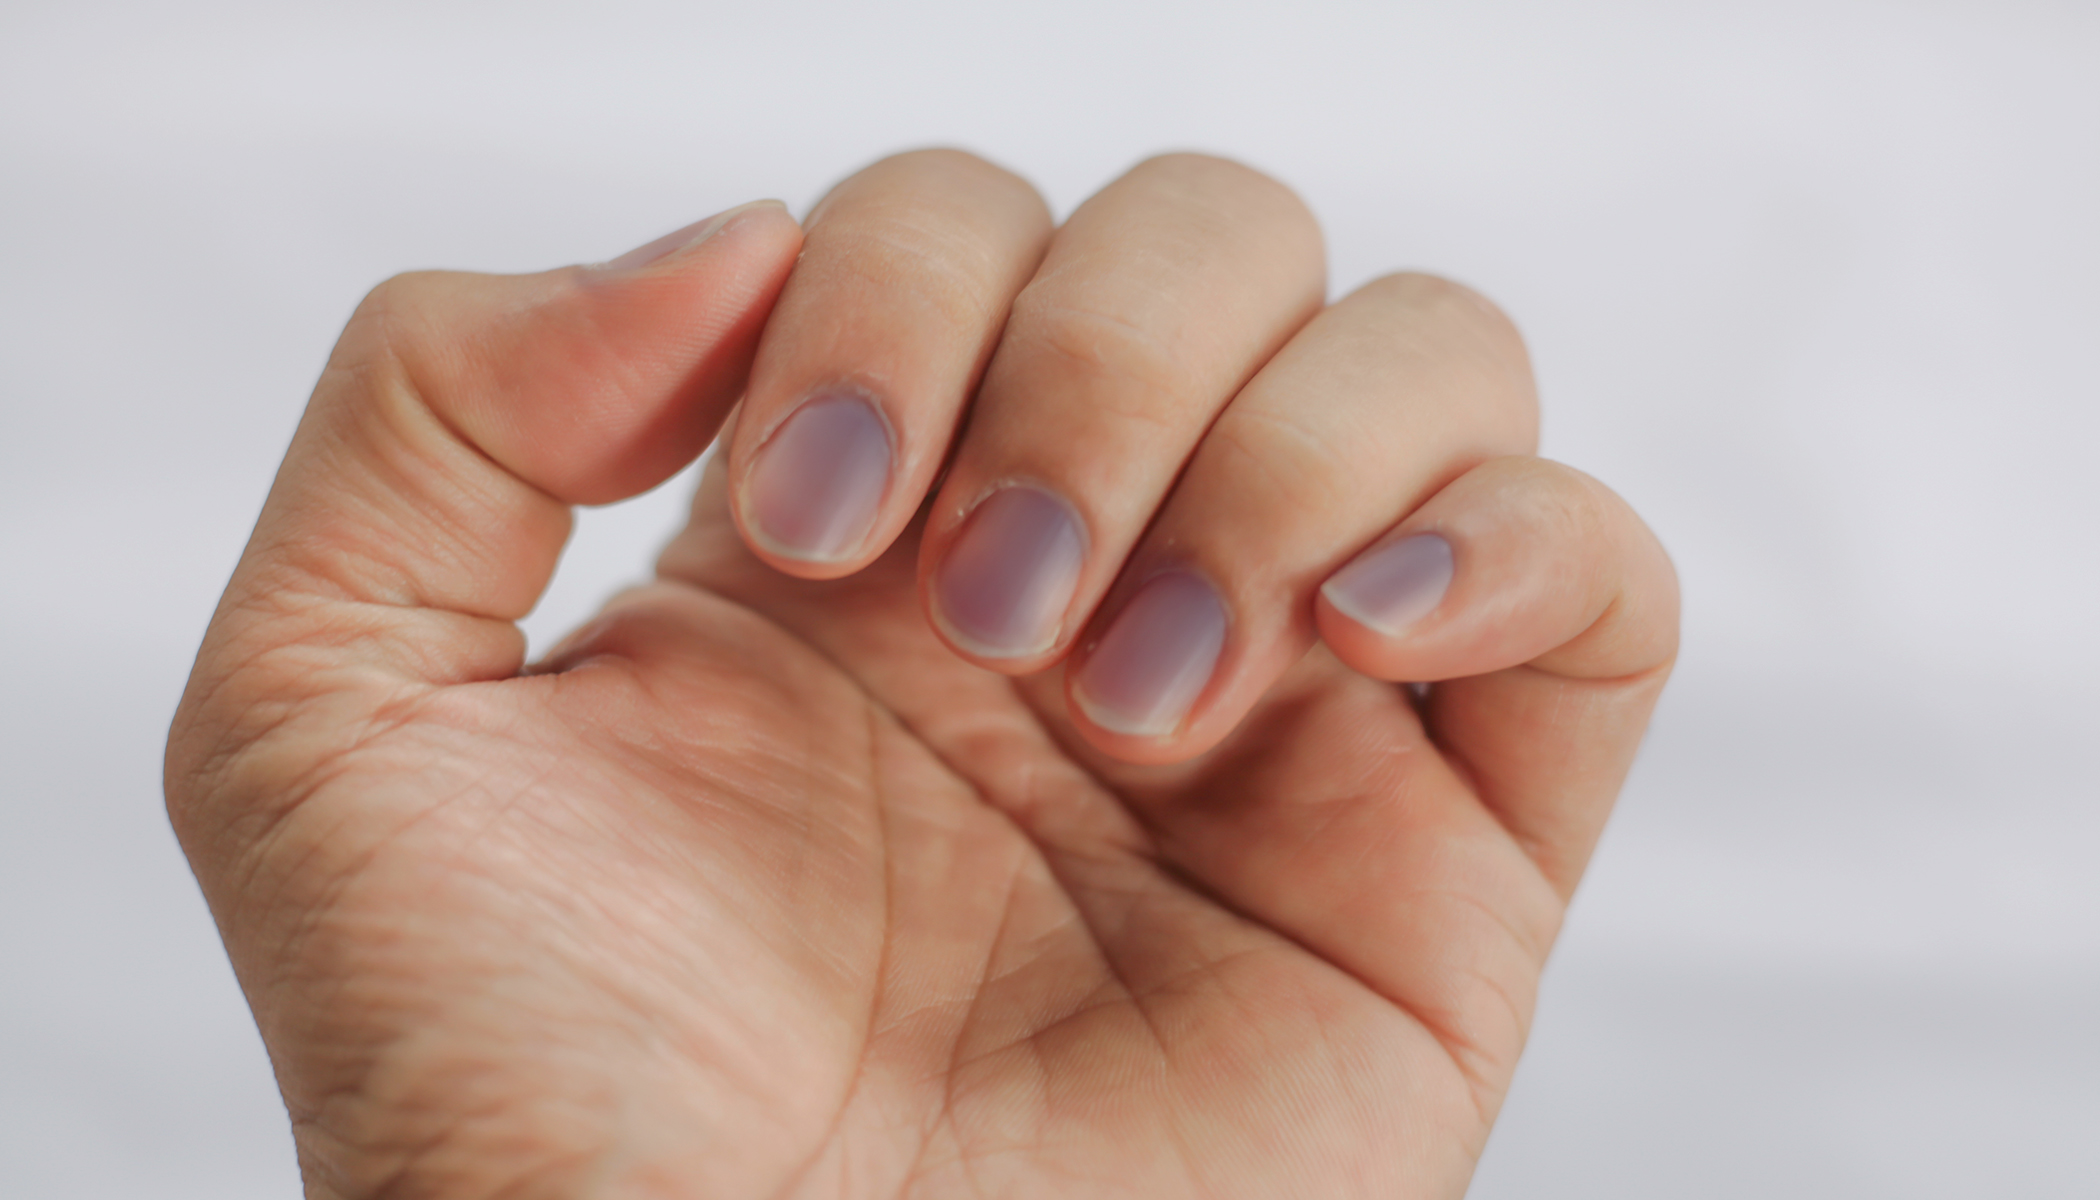 10 Fingernail Symptoms That Can Help Detect Health